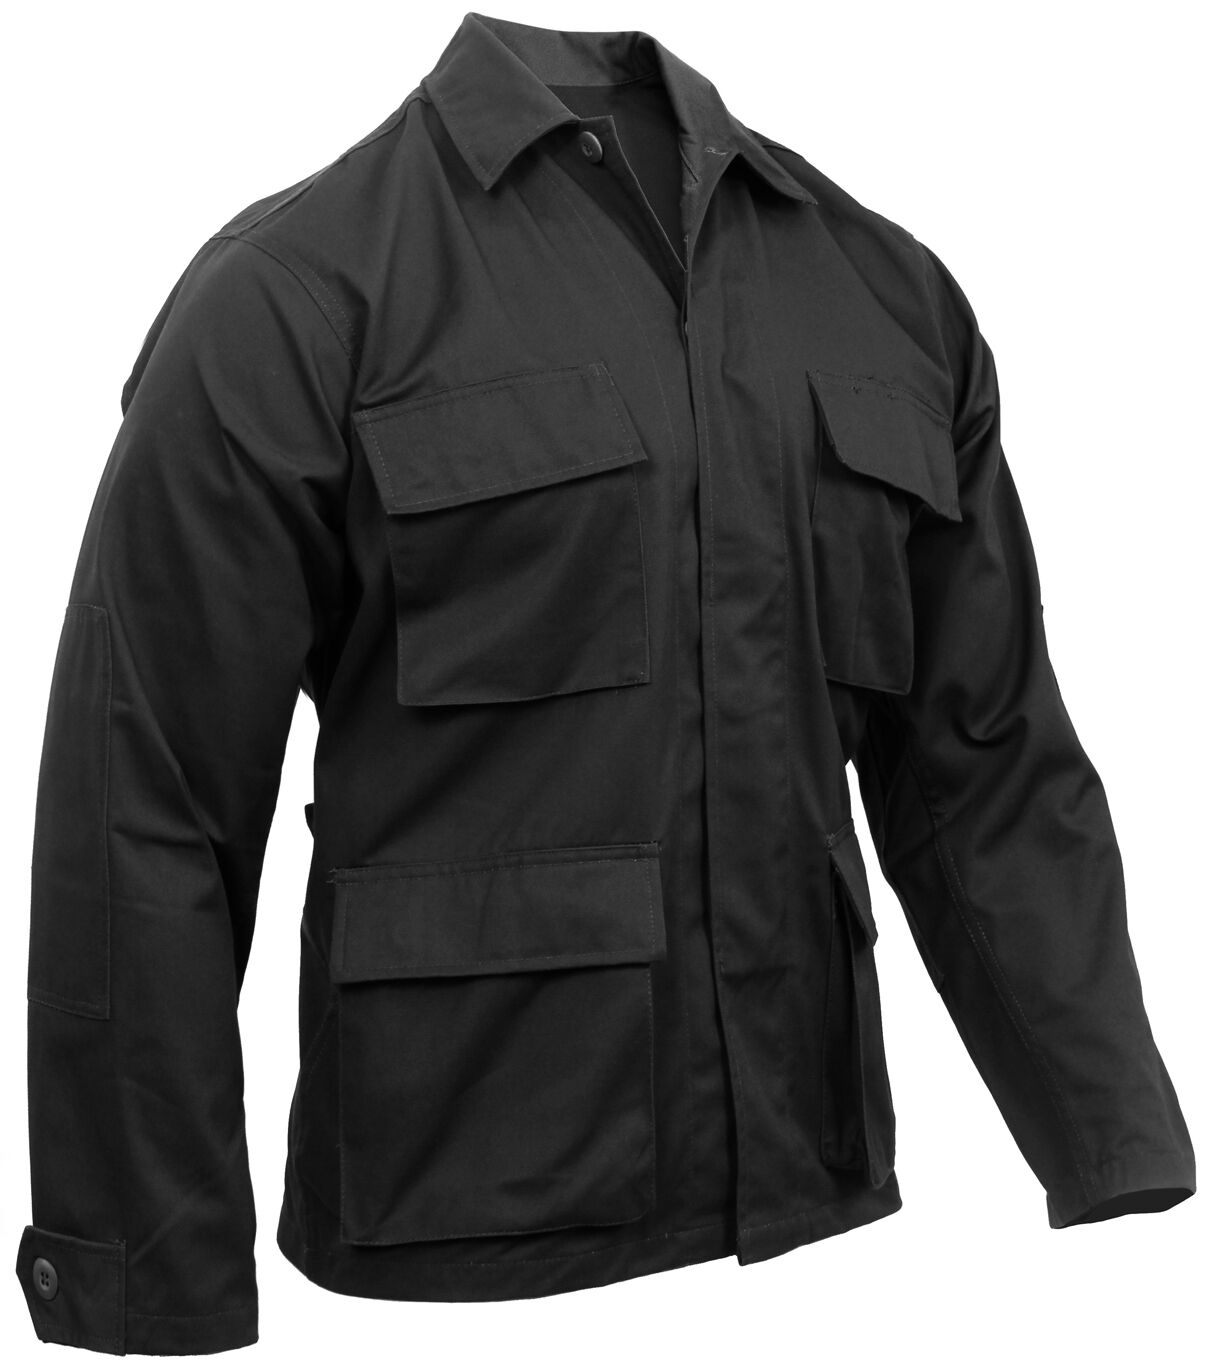 Schwarz Bdu Hemd Mantel Militär Stil 4 Tasche Mantel Rothco 7970   | Elegant und feierlich  | Ruf zuerst  | Moderne und stilvolle Mode